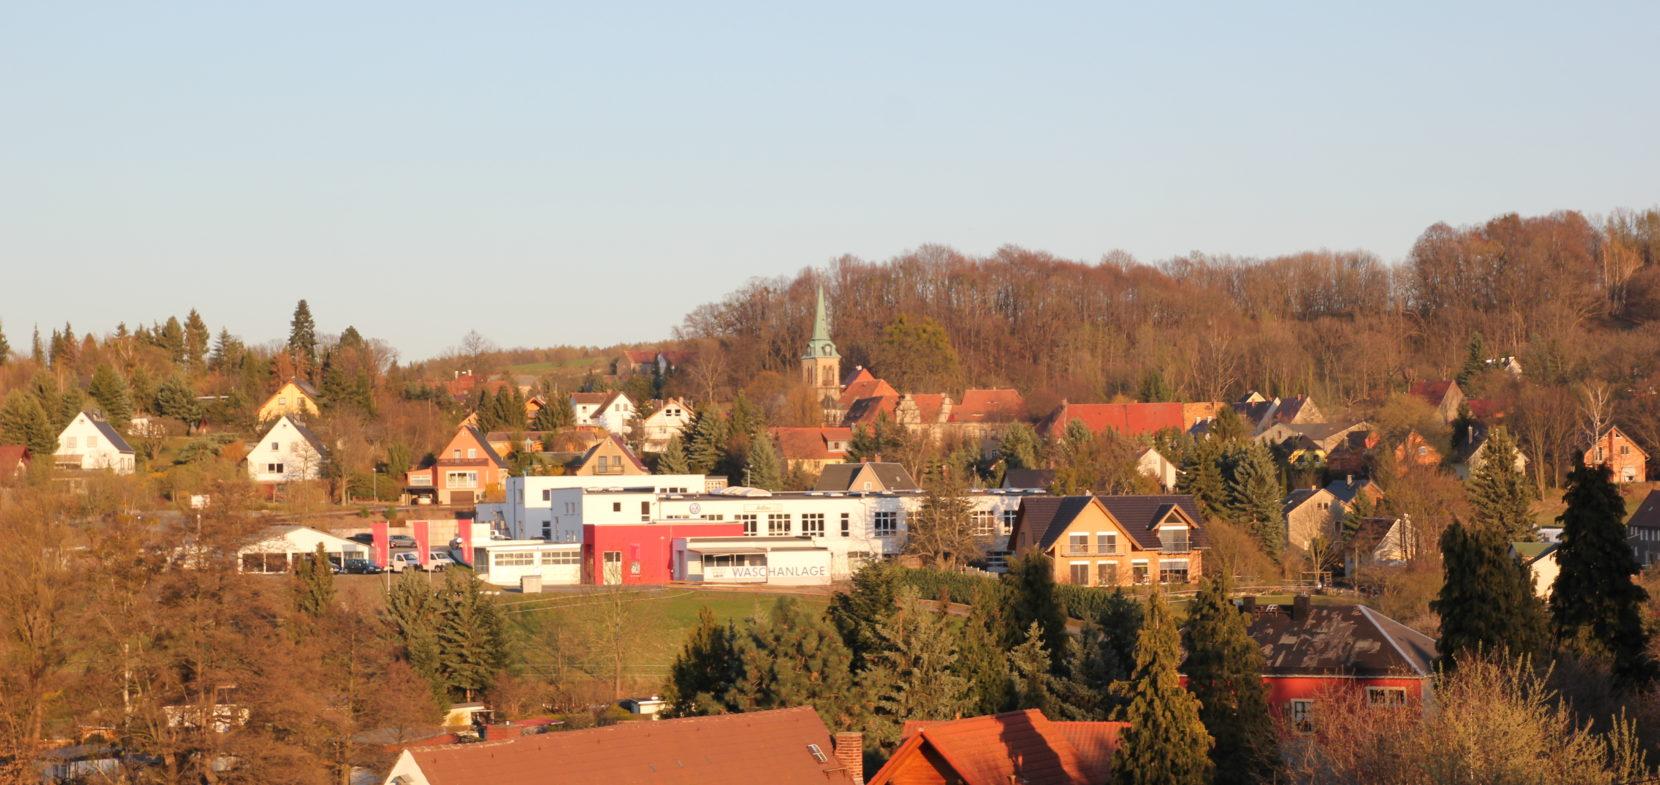 Startbild Ottendorf